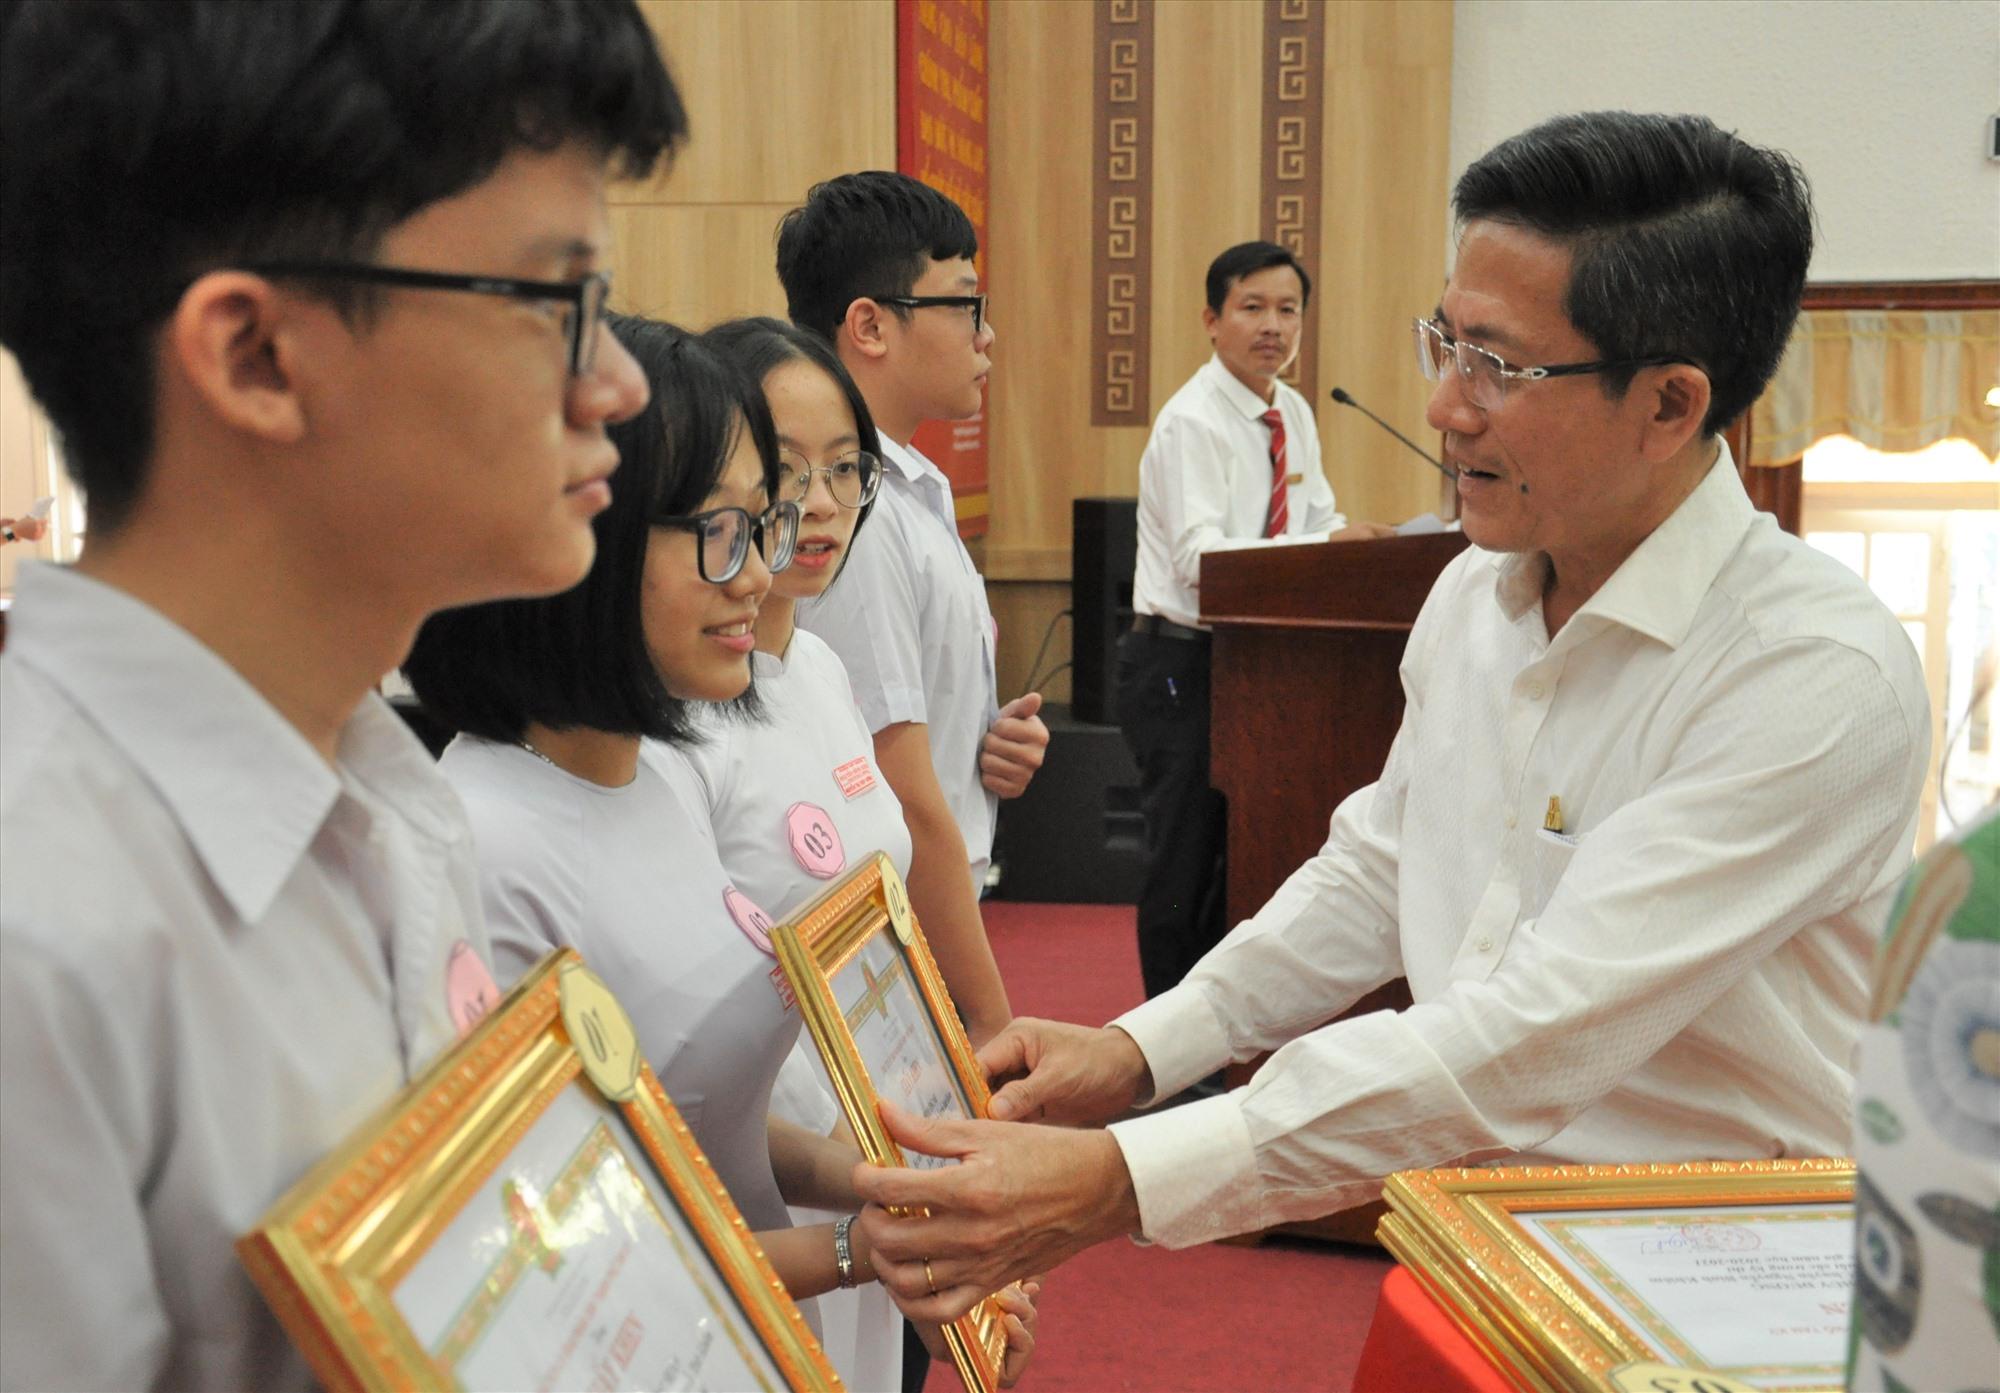 Bí thư Thành ủy Tam Kỳ Trần Nam Hưng tặng giấy khen và tiền thưởng cho HS xuất sắc. Ảnh: X.P